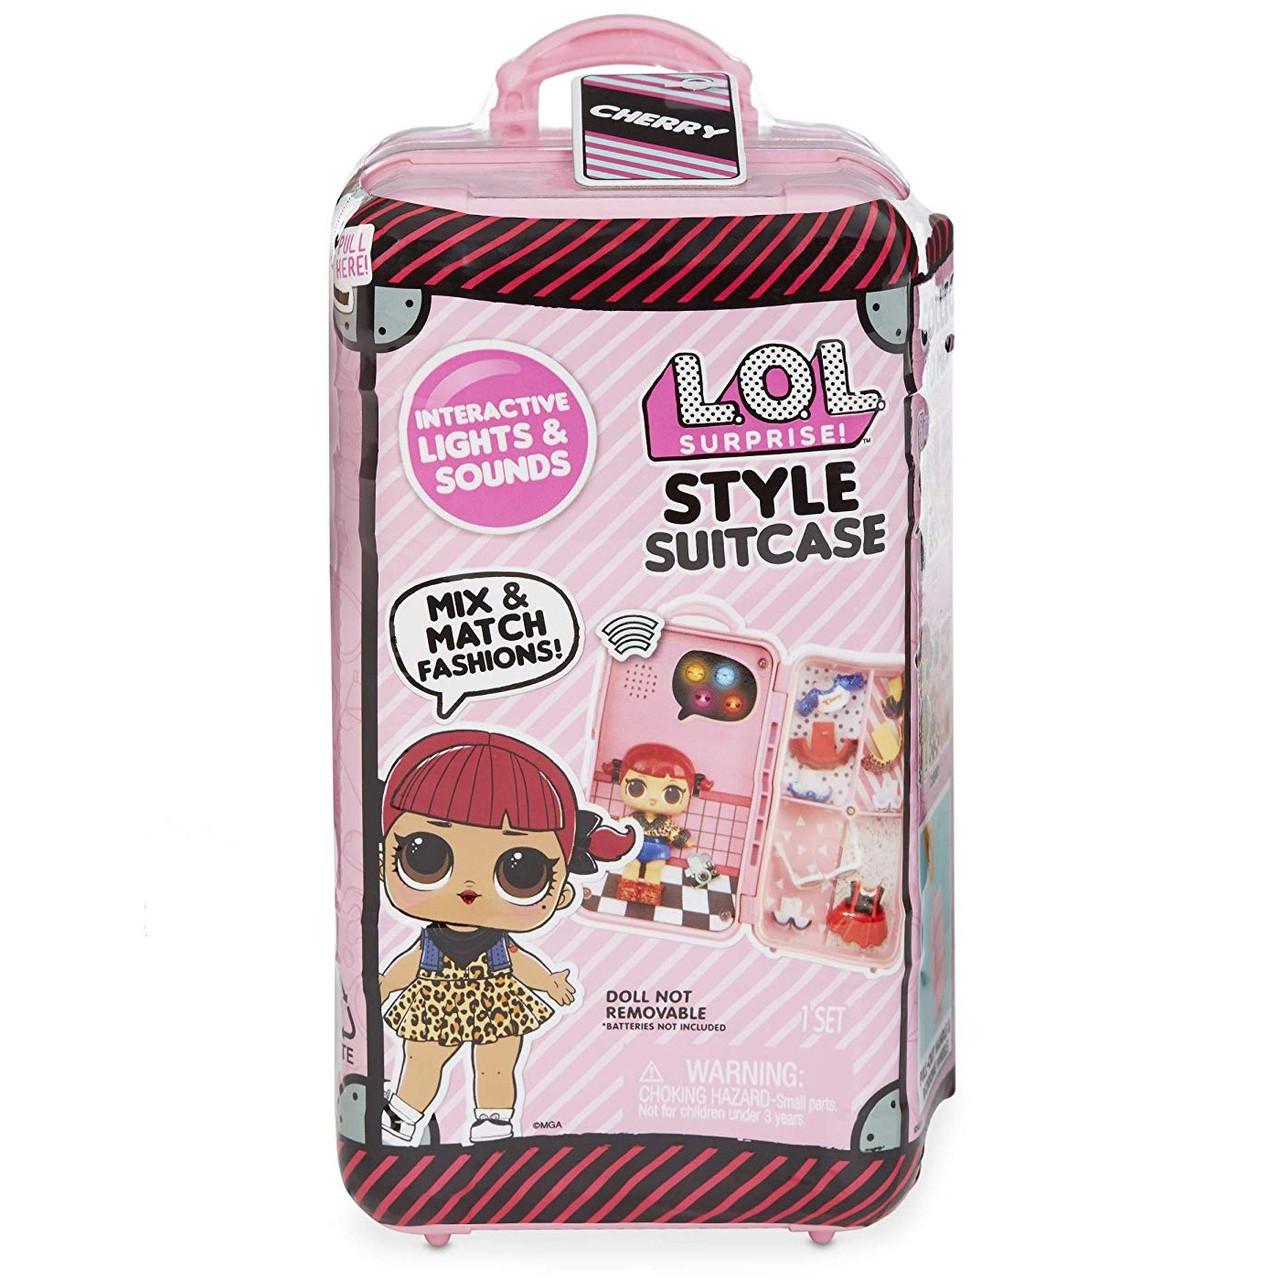 LOL Style Suitcase - Стильный Чемодан ЛОЛ с куклой Вишенкой (15 сюрпризов)